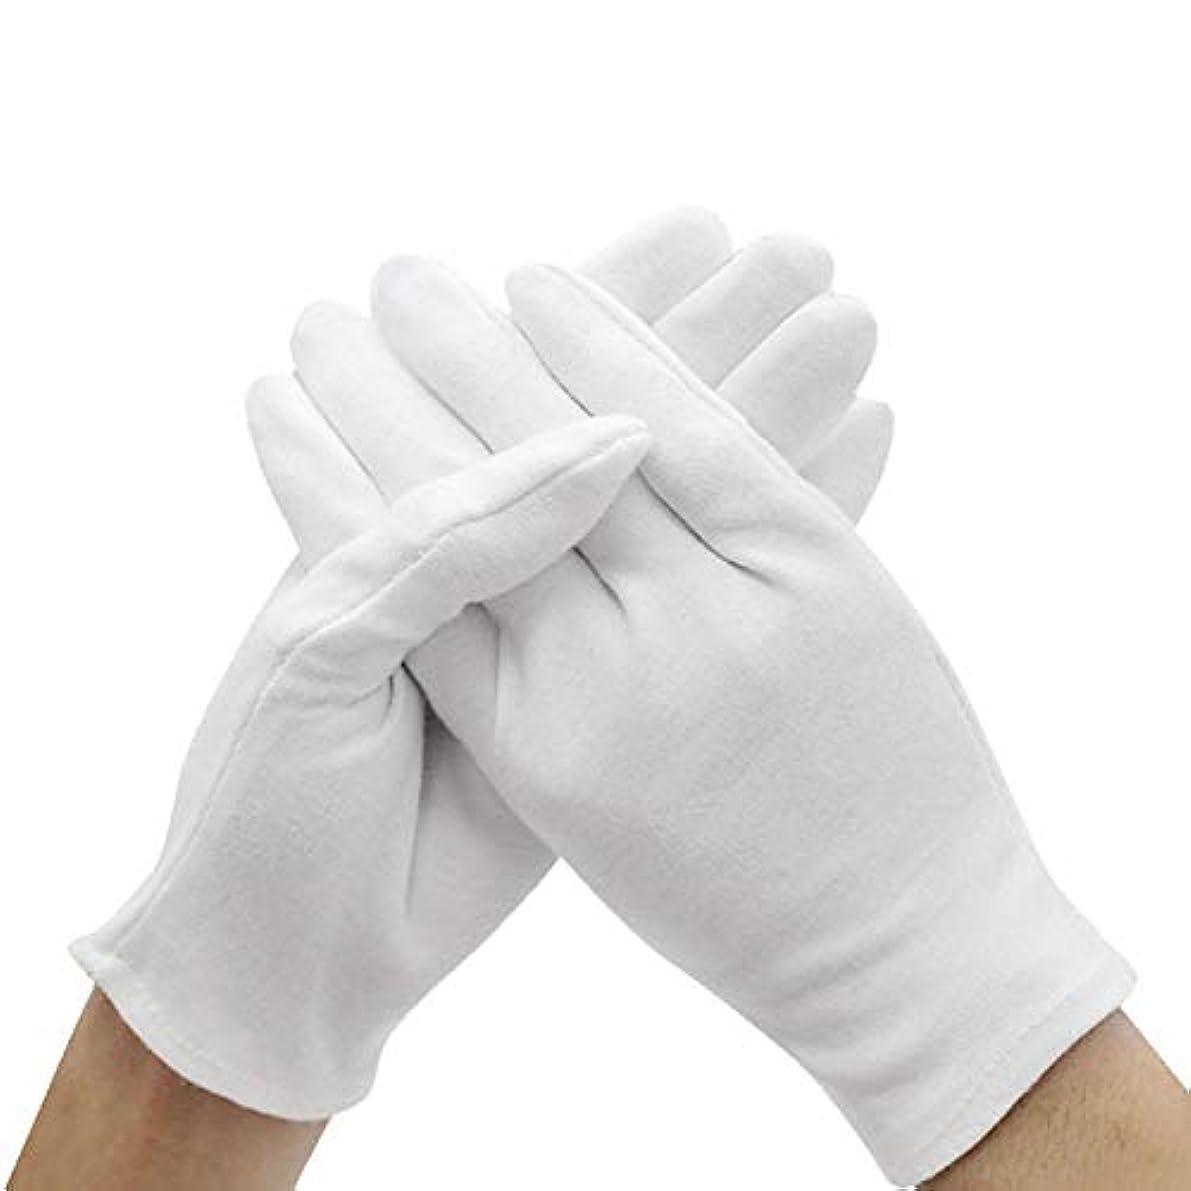 ロック解除レイ大混乱コットン手袋 綿 手荒れ予防 【湿疹用 乾燥肌用 保湿用 礼装用】純綿100% 白手袋 作業用 インナー手袋,ワンサイズ,エチケットの機会